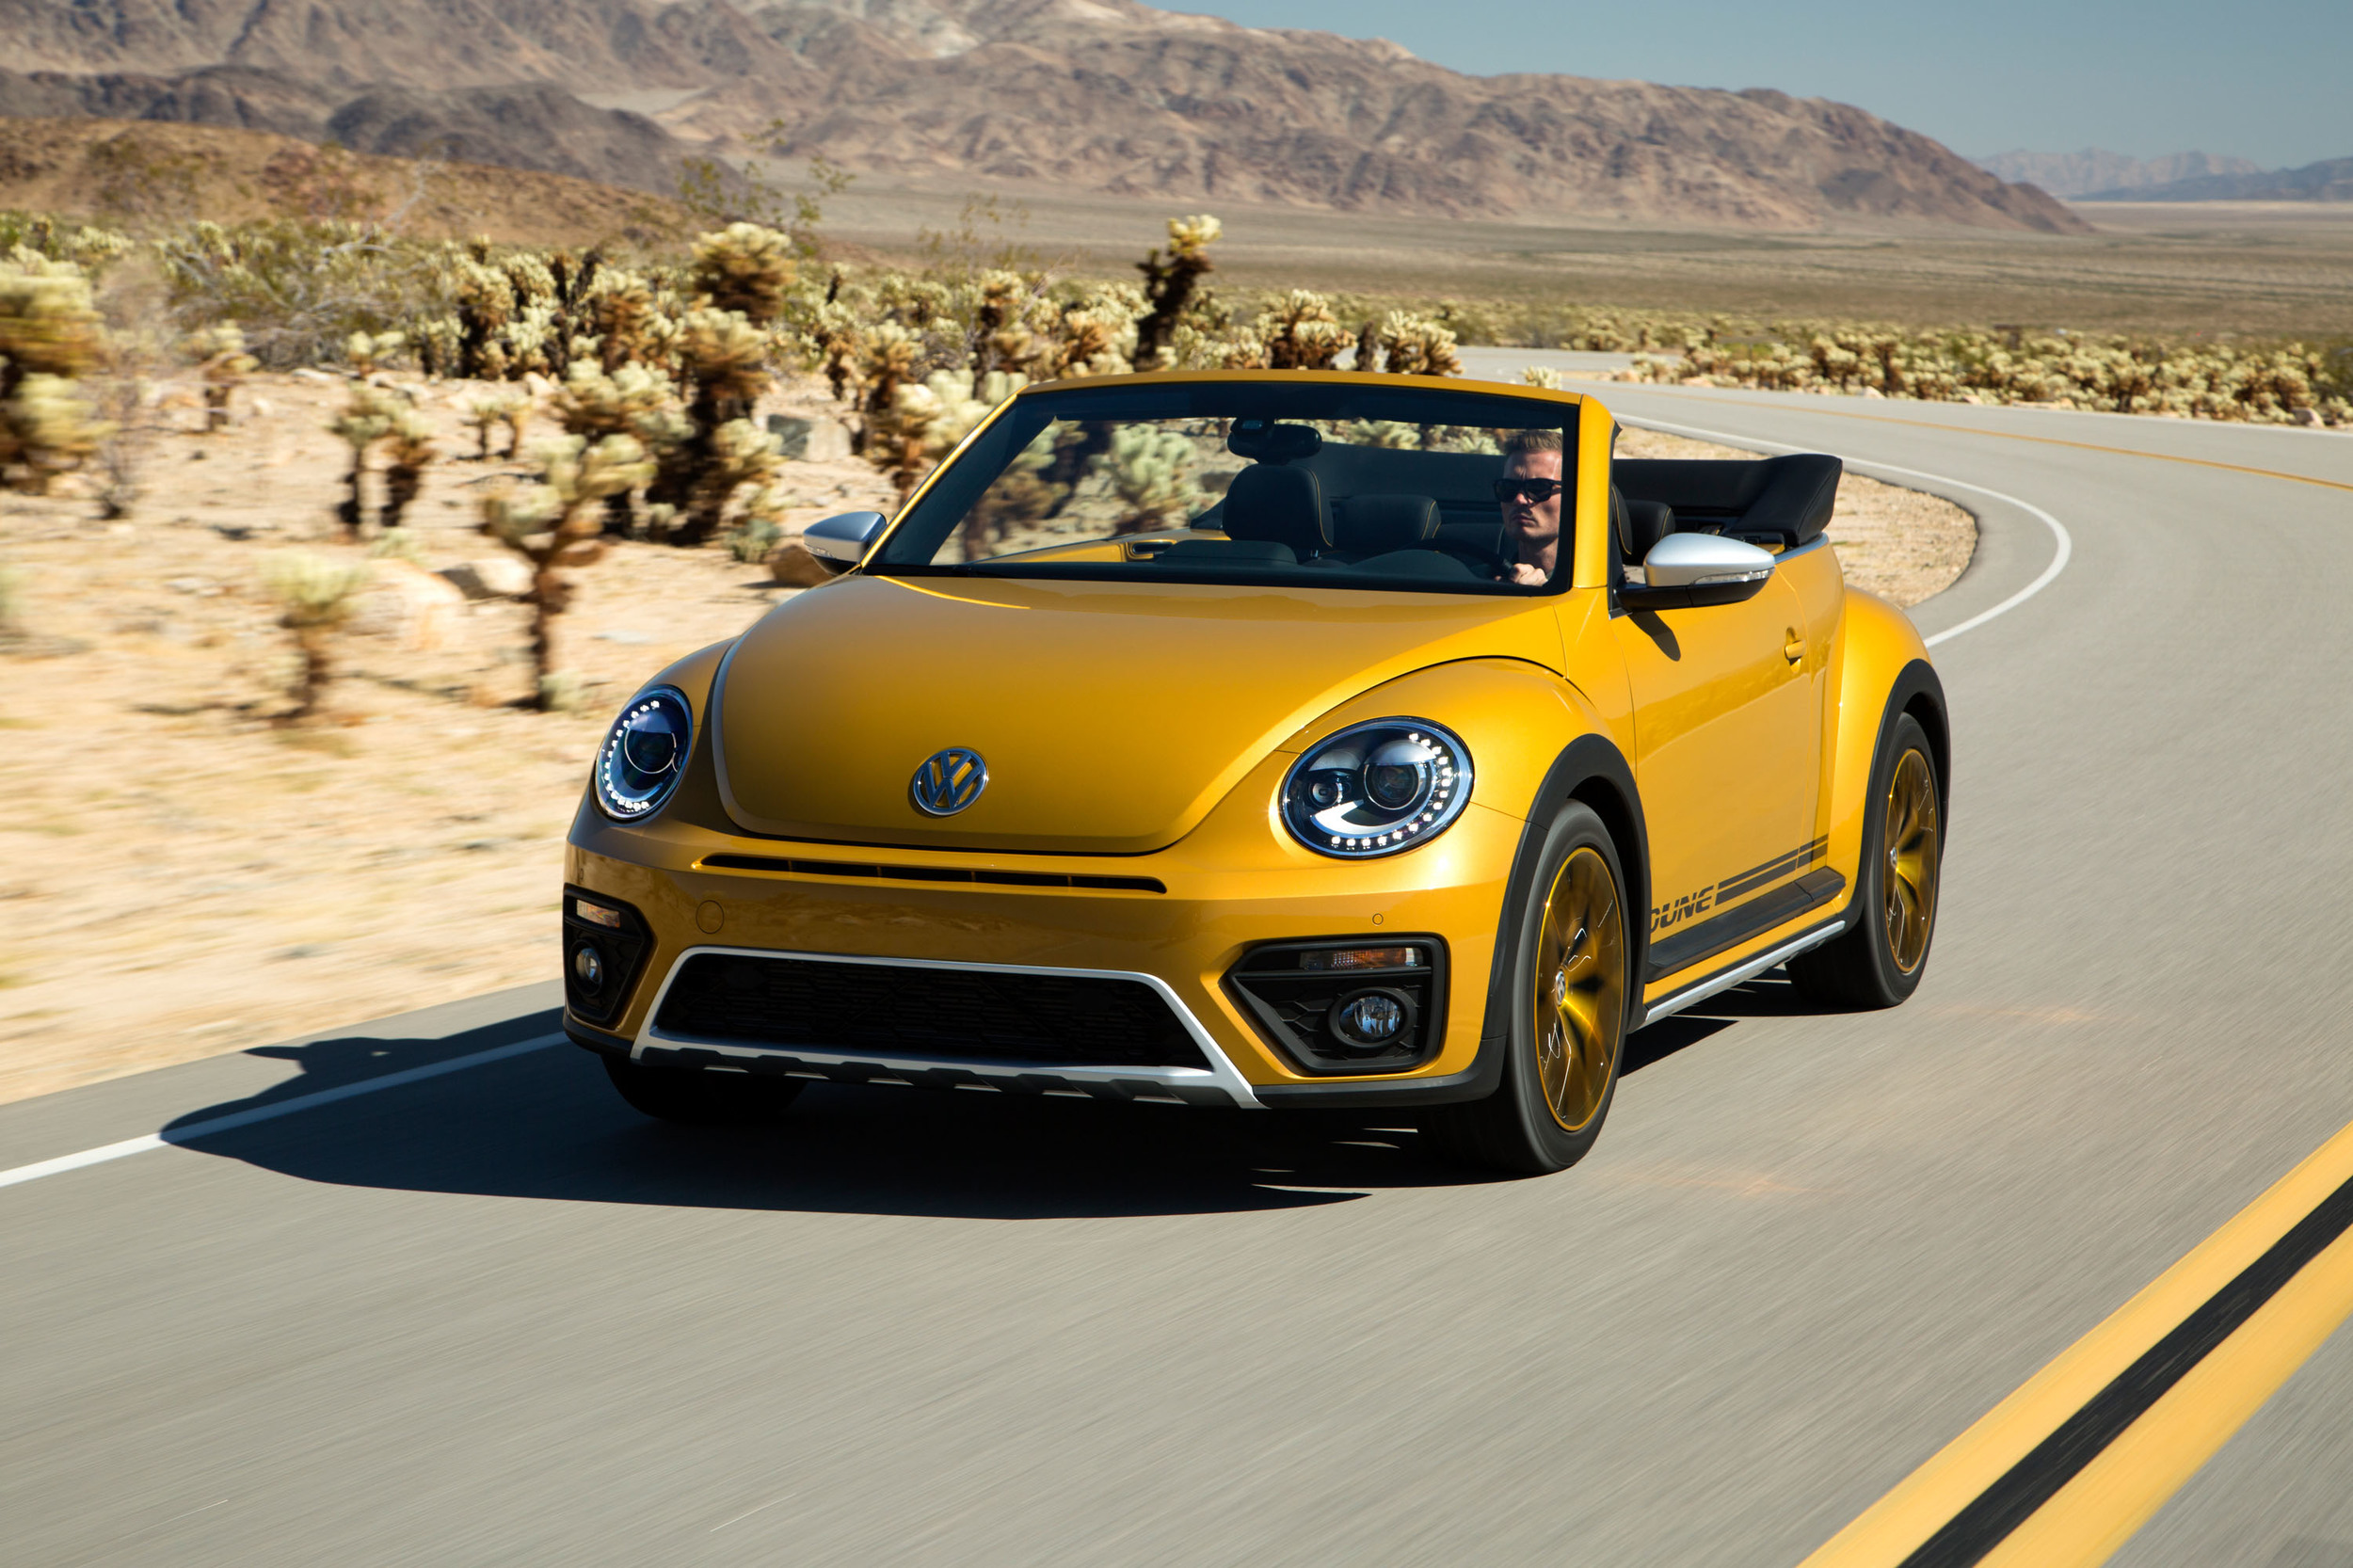 volkswagen beetle dune desert 3